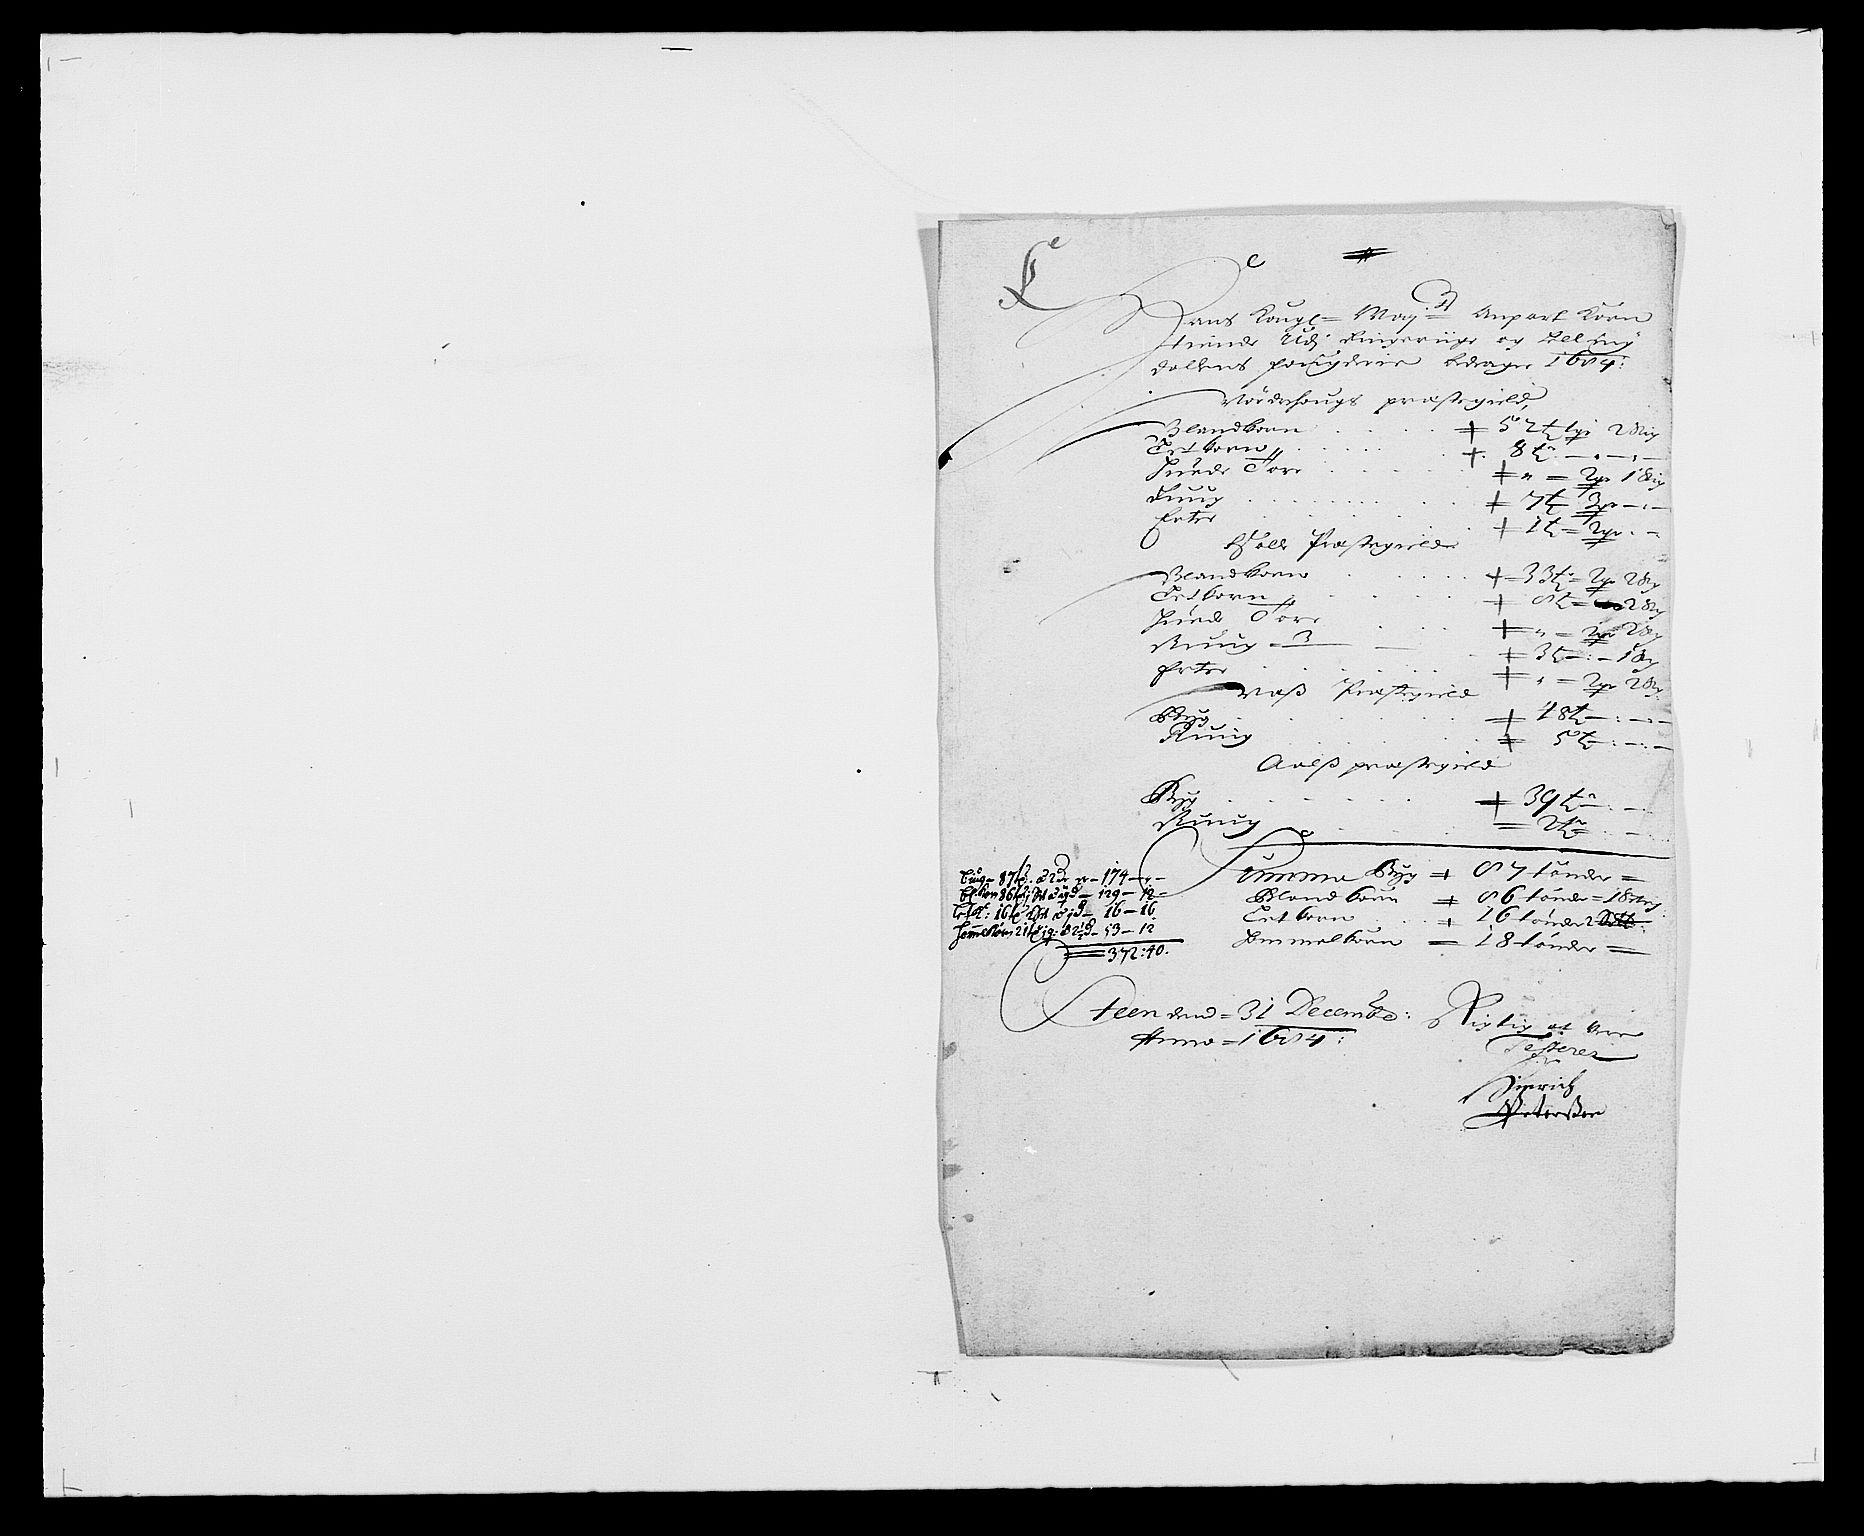 RA, Rentekammeret inntil 1814, Reviderte regnskaper, Fogderegnskap, R21/L1446: Fogderegnskap Ringerike og Hallingdal, 1683-1686, s. 267